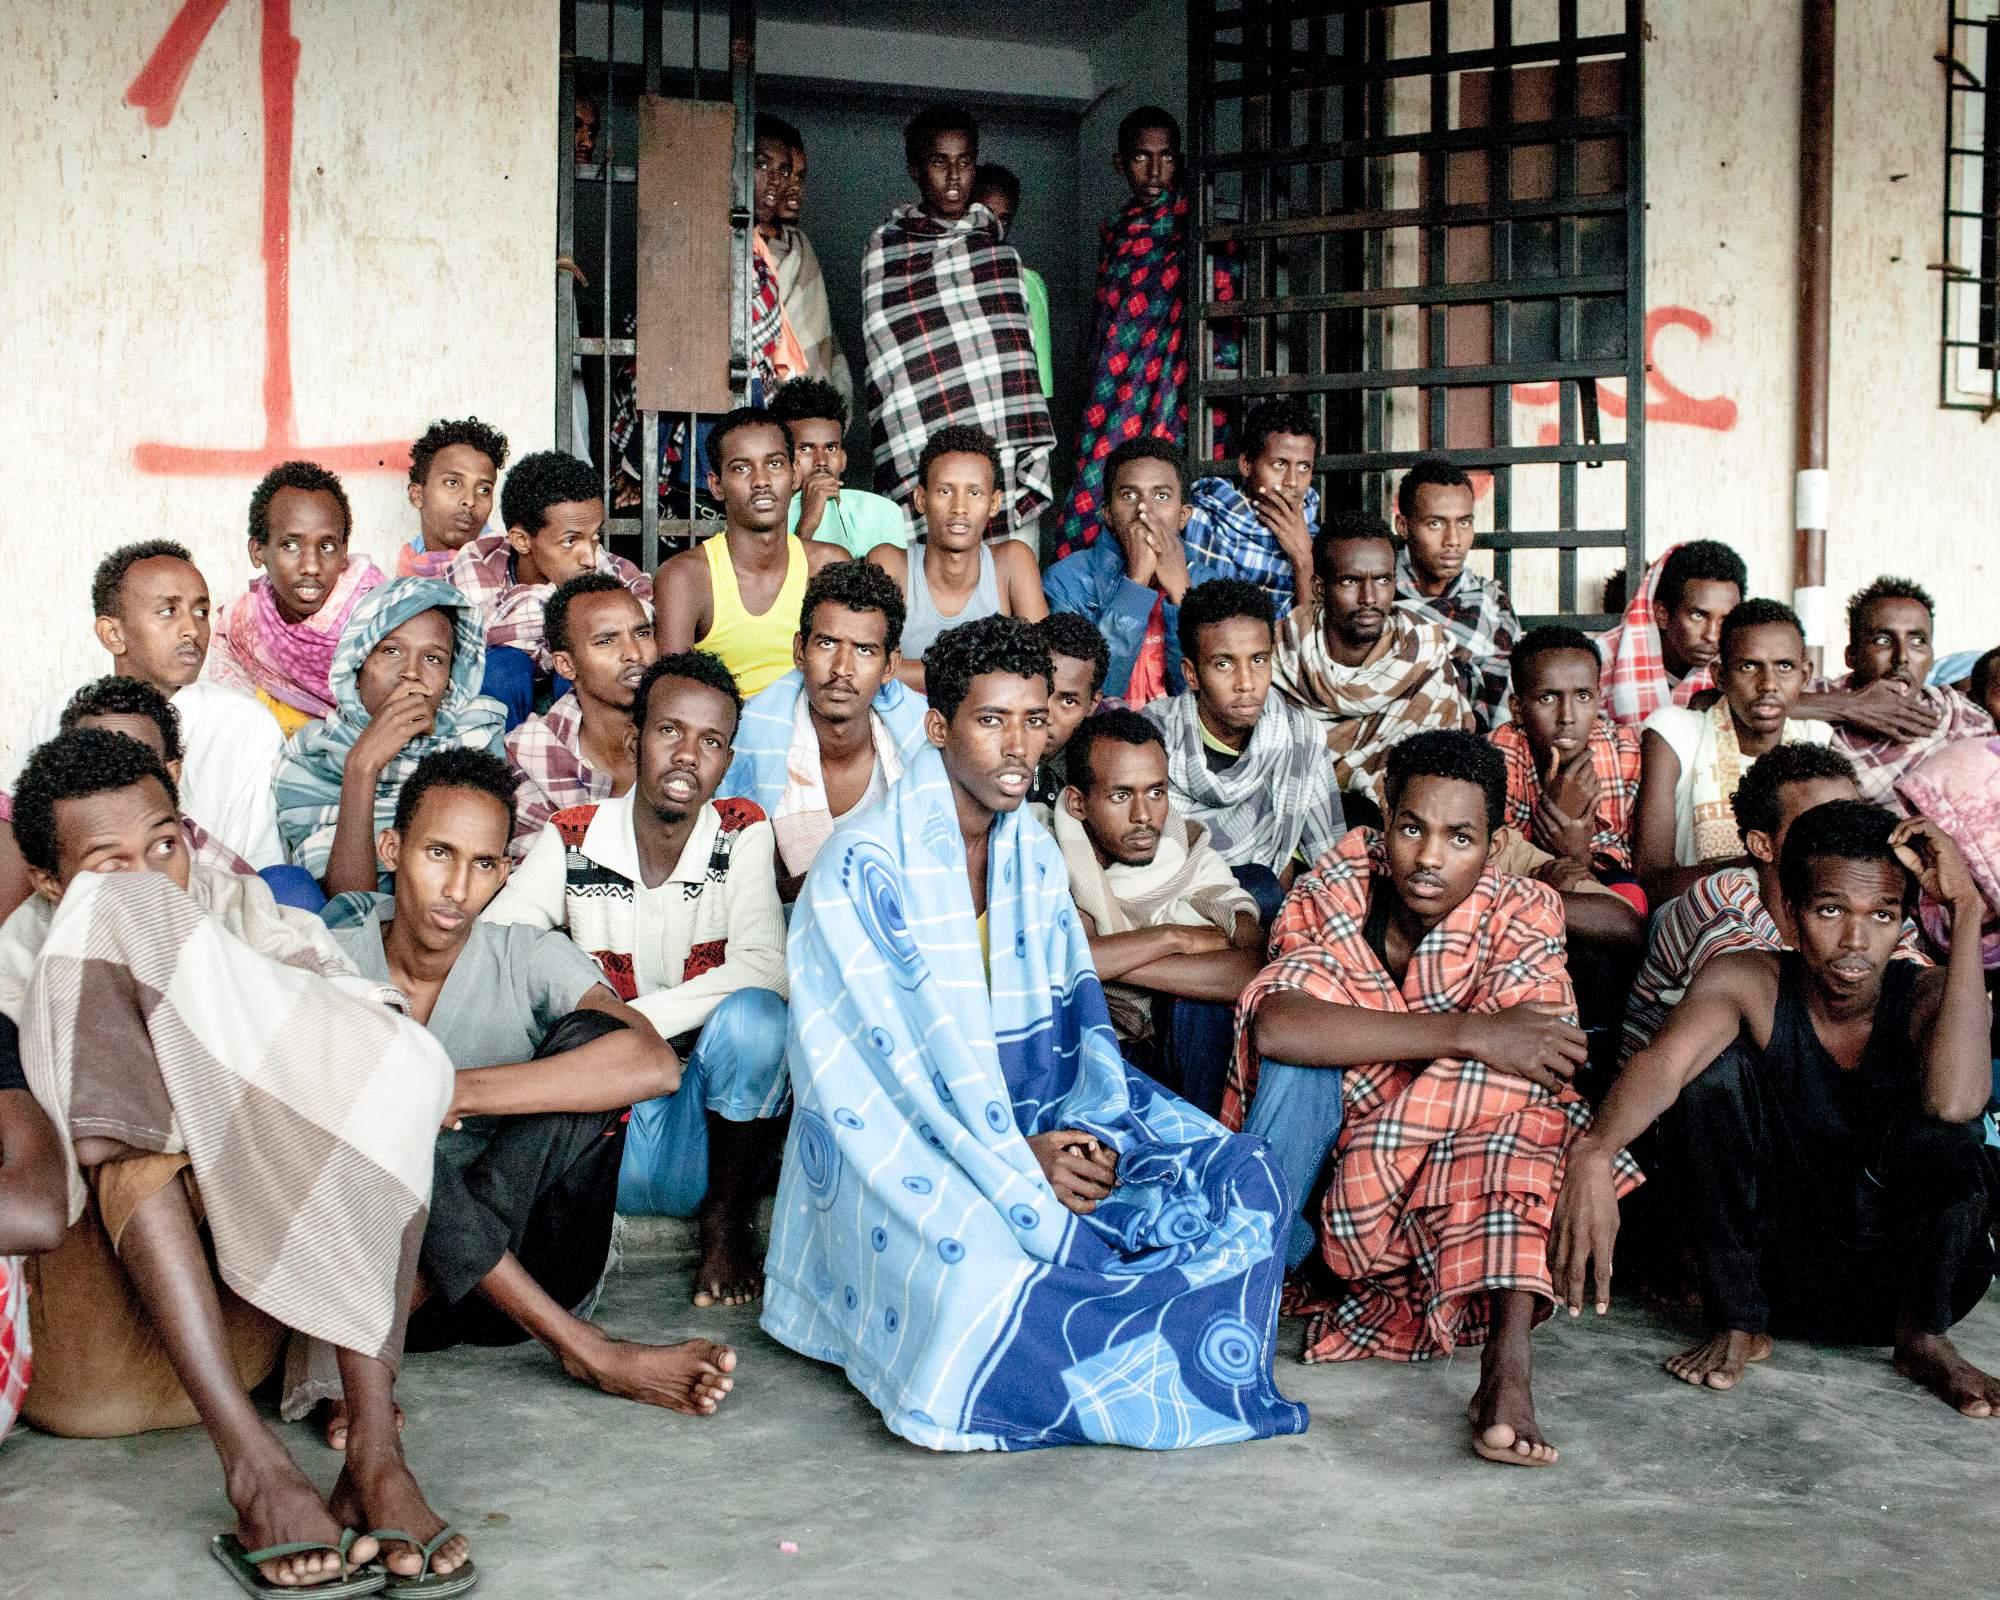 Migranti somali fermati durante la traversata e riportati in Libia. Photo. Lorenzo Meloni